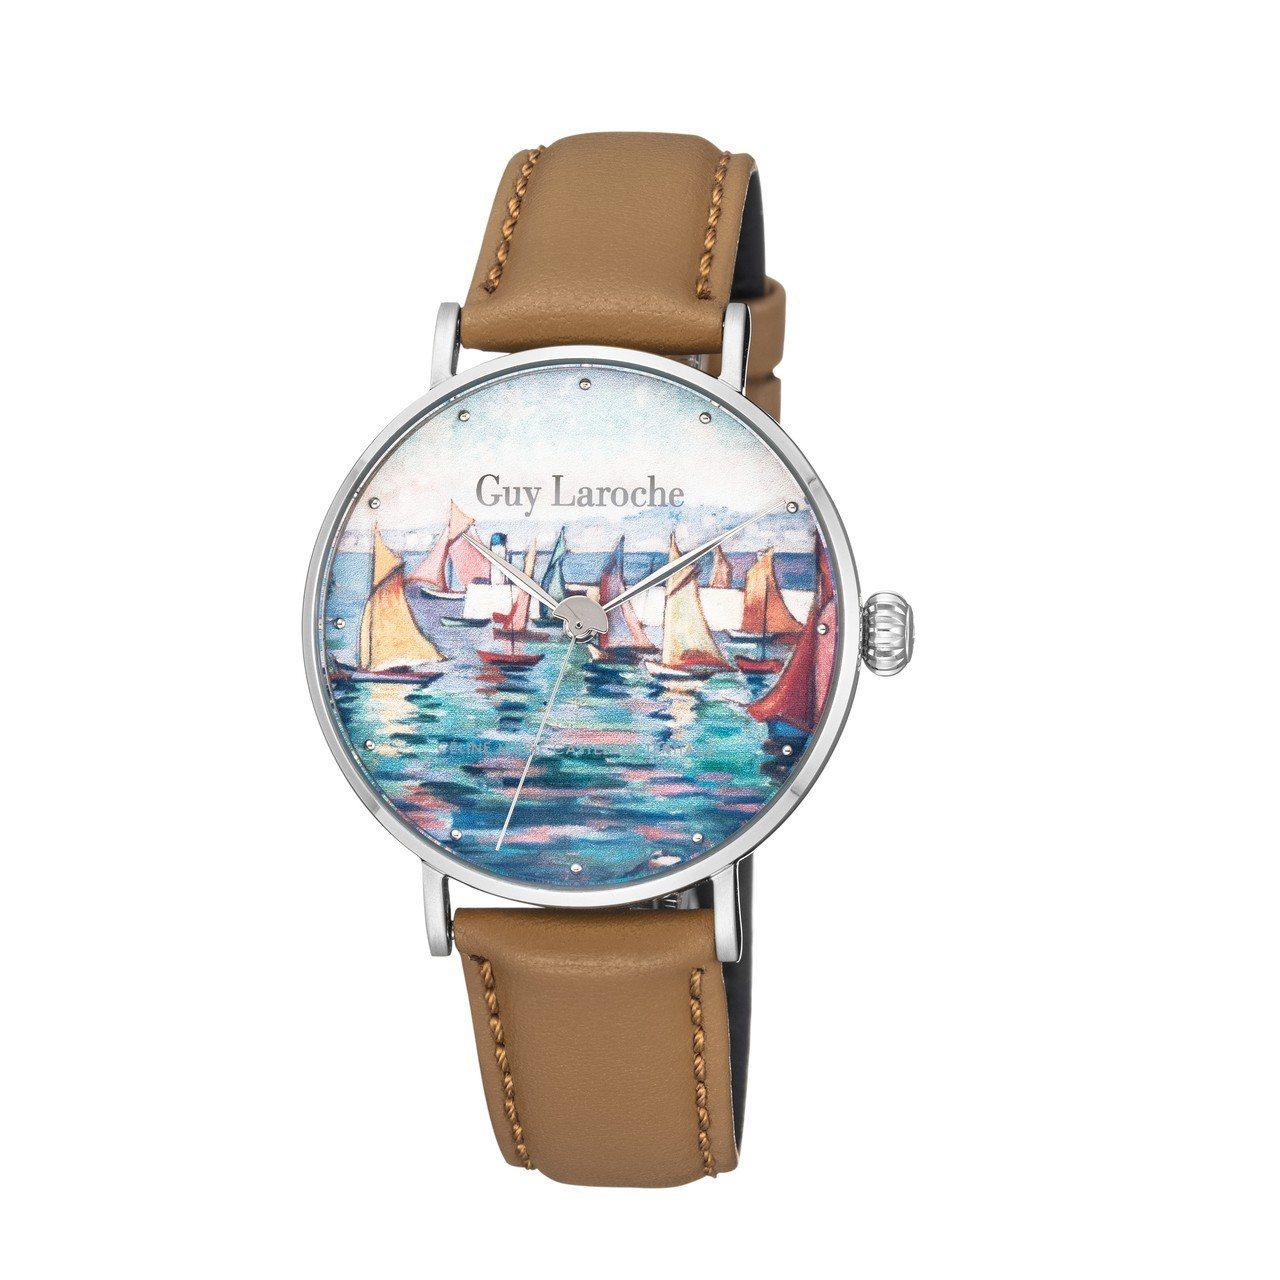 姬龍雪 Art Watch系列卡斯特蘭-戴西奧「風帆」( Depart de l...